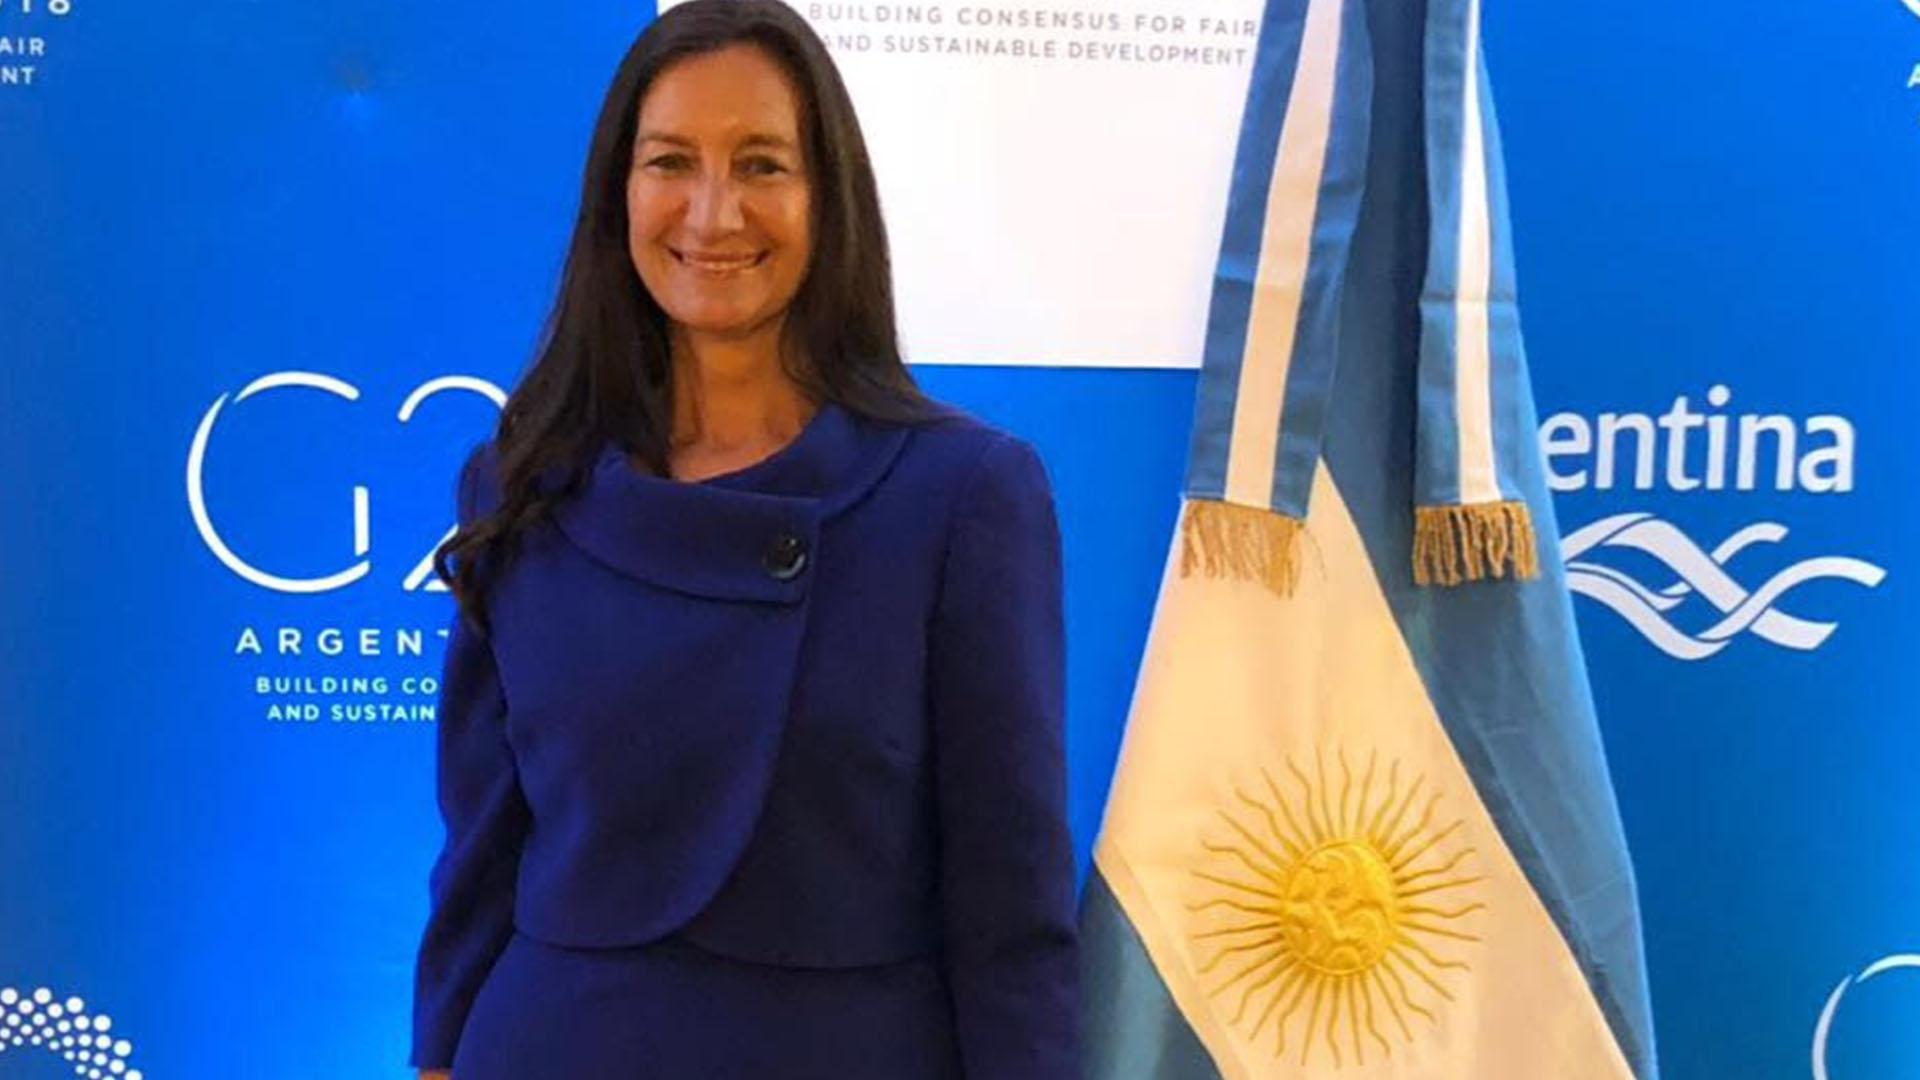 Andrea Grobocopatel, copresidente del W20, en la Casa Argentina en Davos